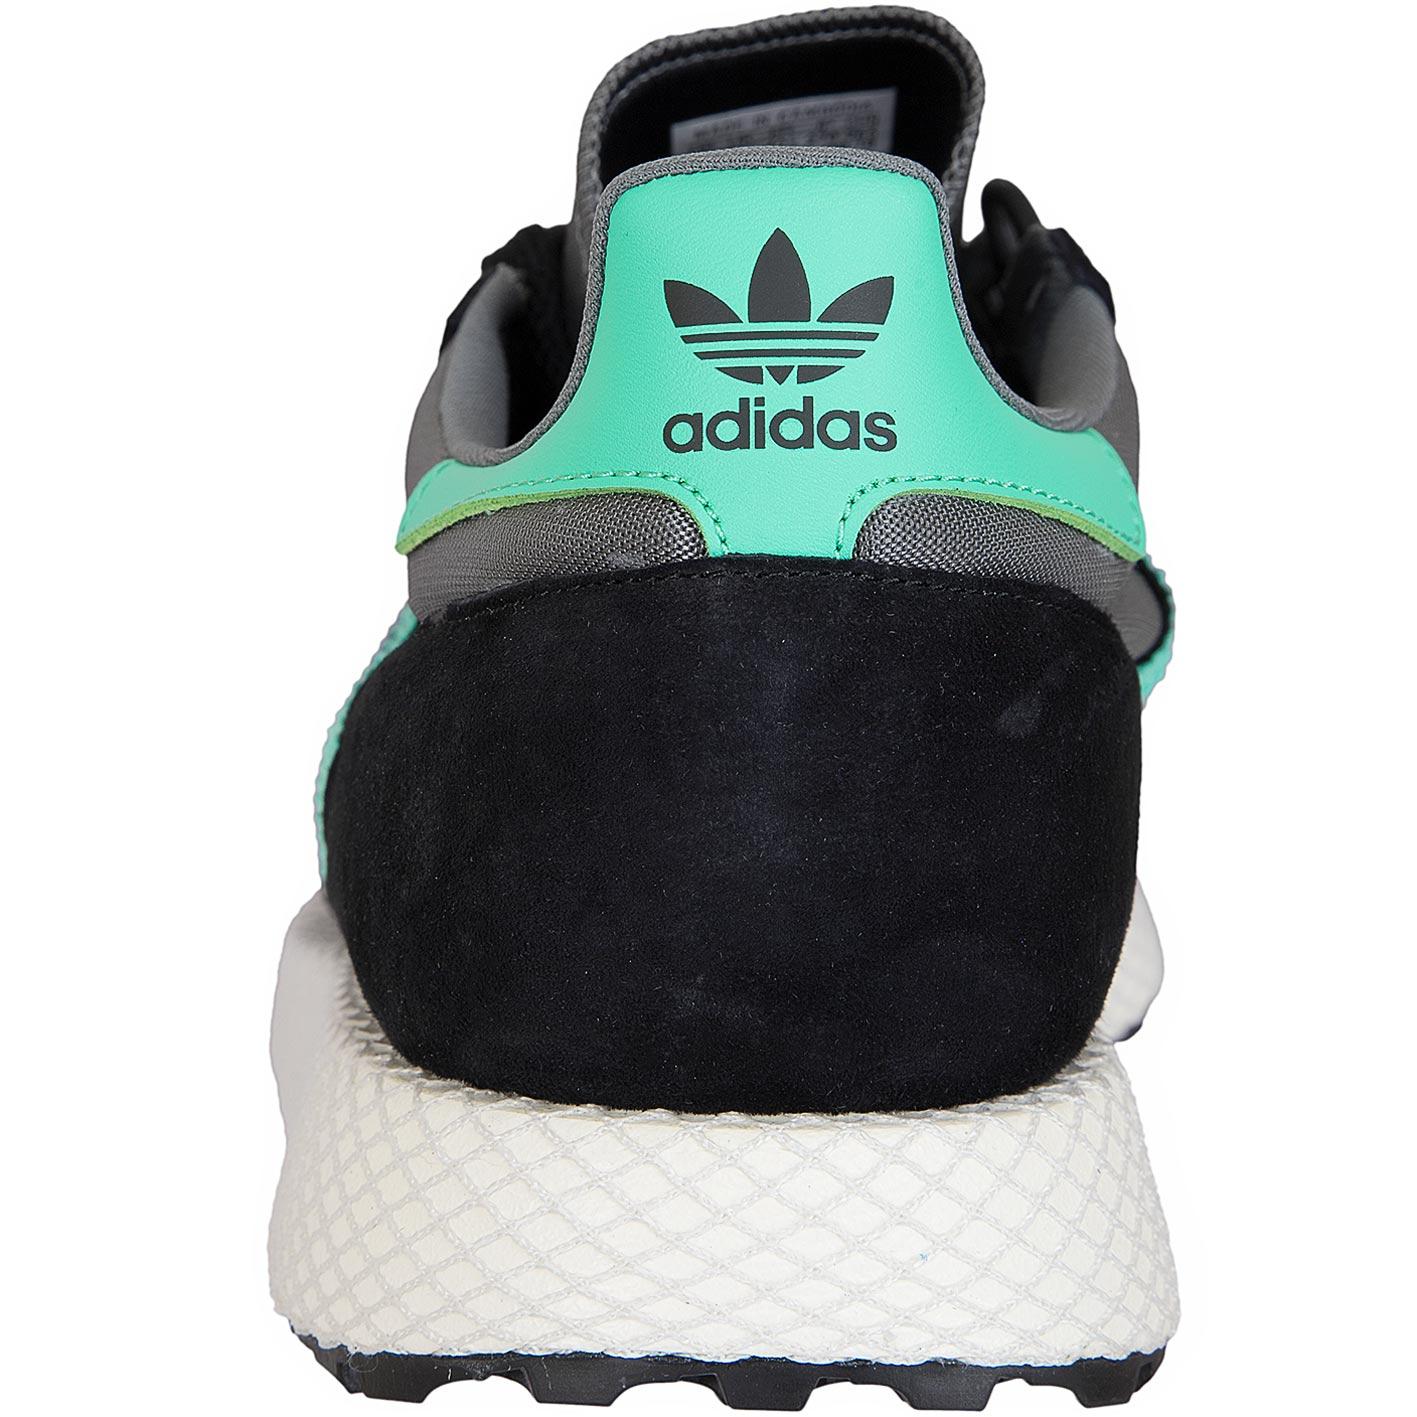 3338258caf91 ☆ Adidas Originals Sneaker Forest Grove schwarz türkis - hier ...